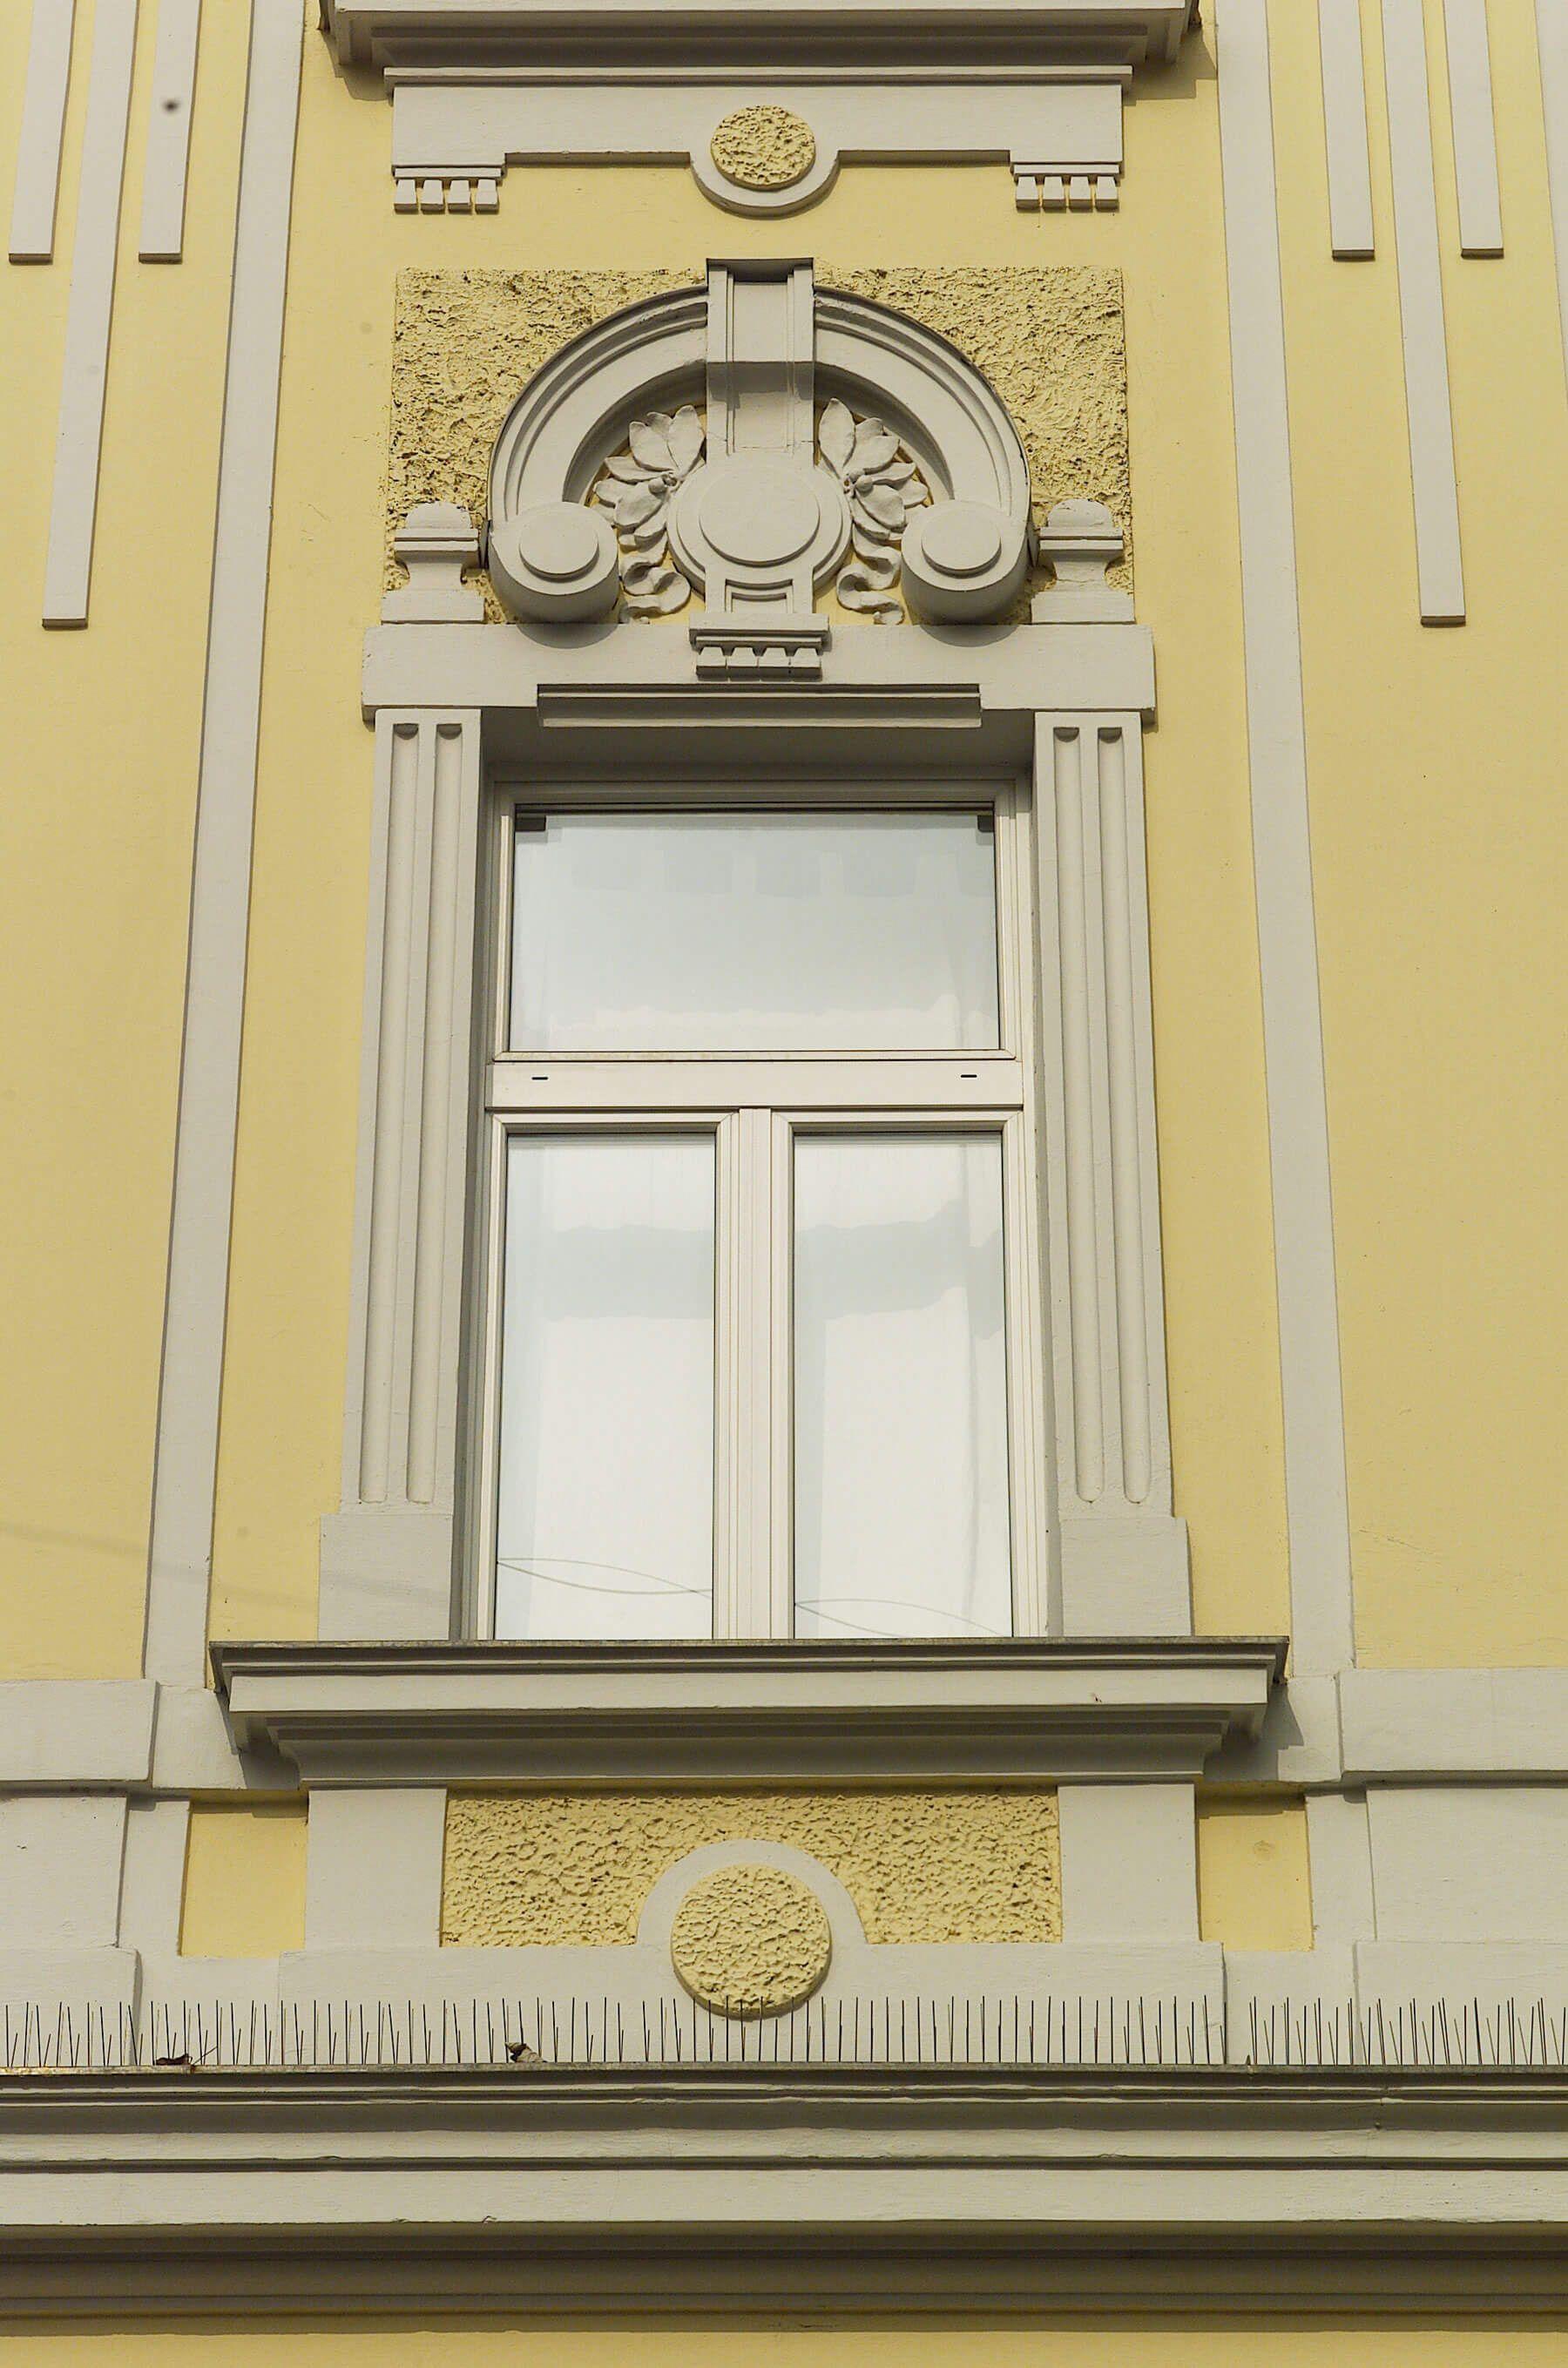 Weiße Kunststofffenster fenstertausch linz auf weiße kunststofffenster